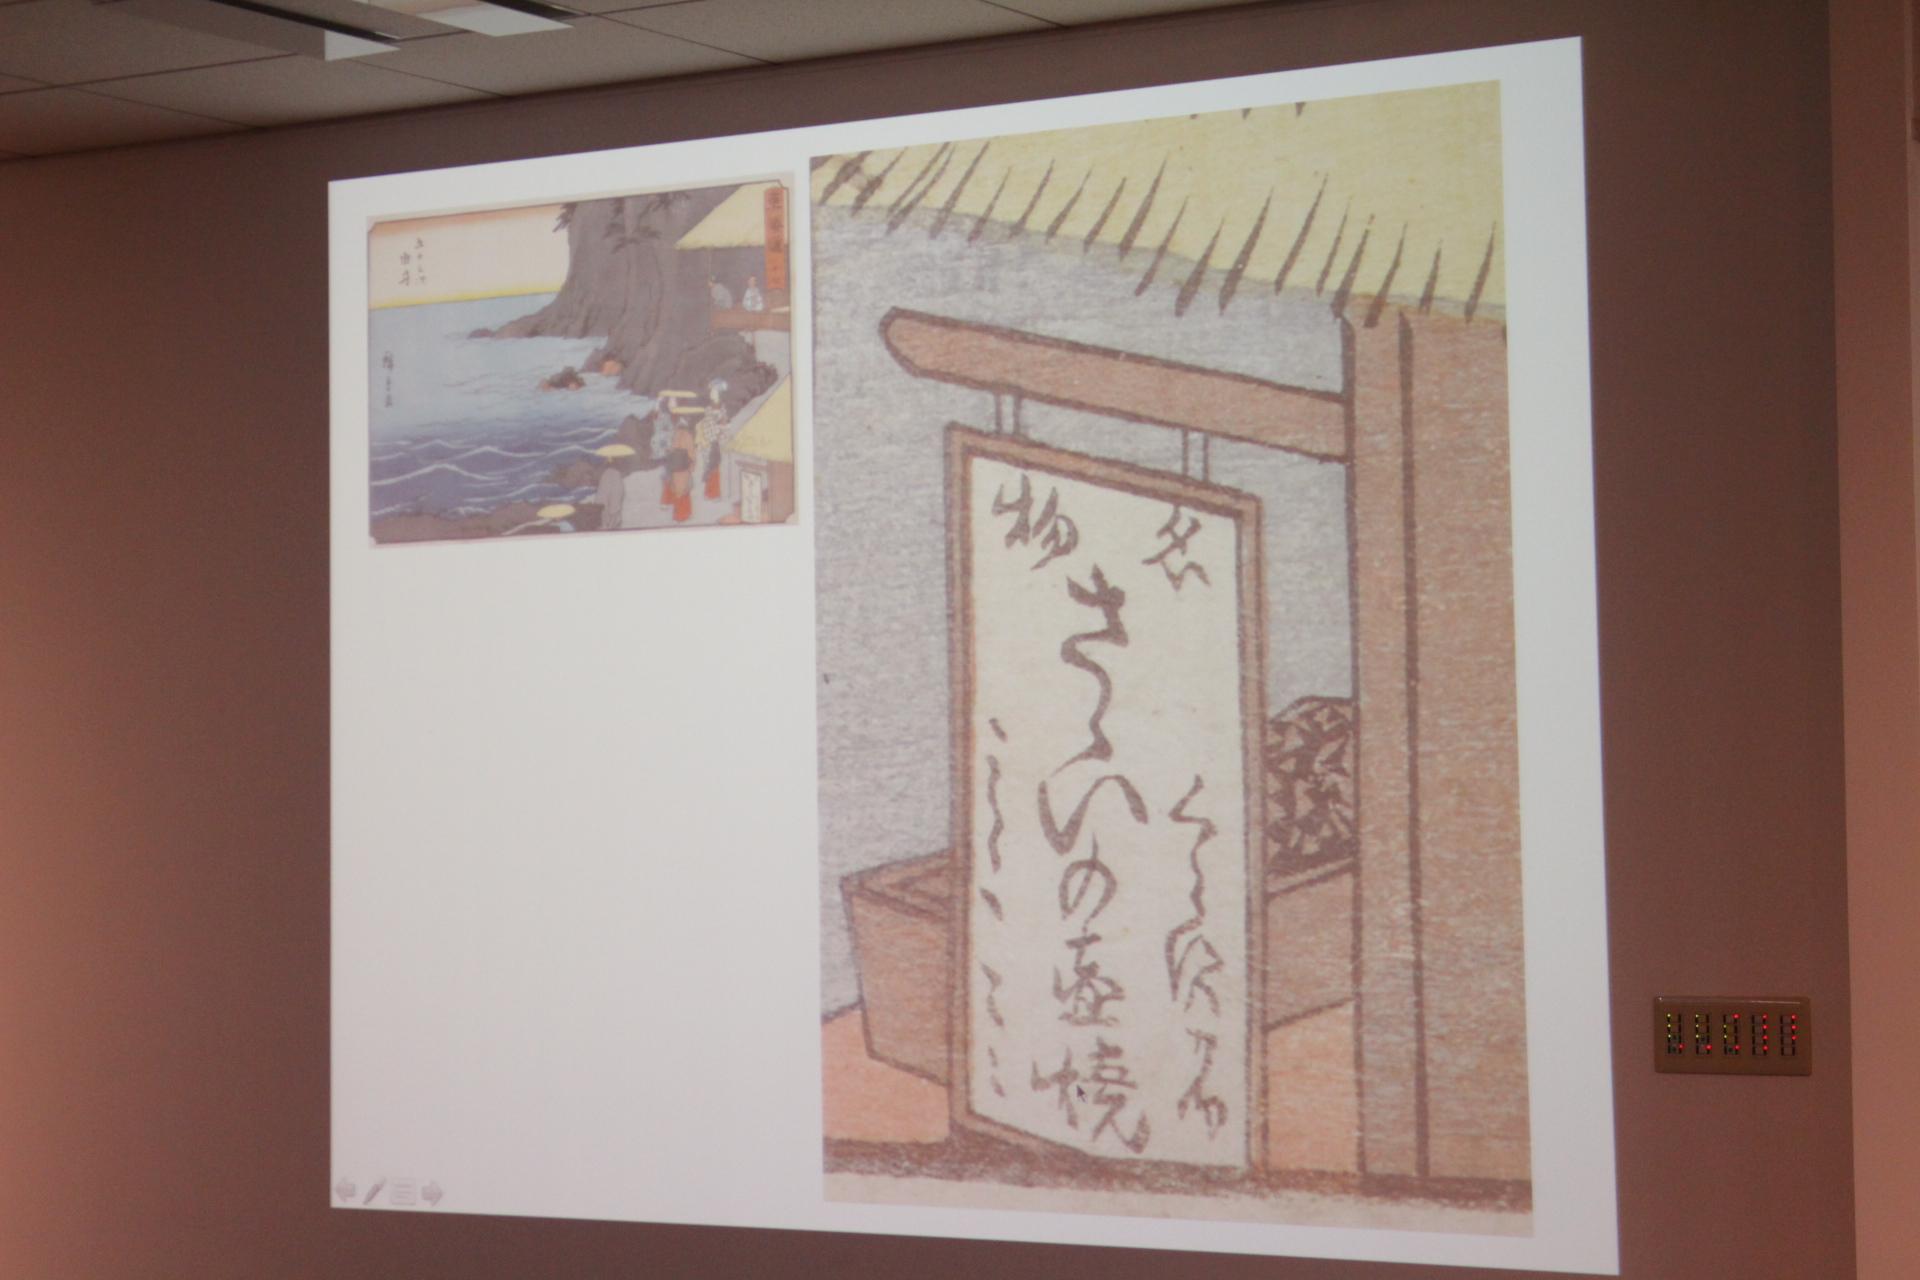 アートをつまみにお酒を楽しむ「浮世絵にみる江戸時代の食模様